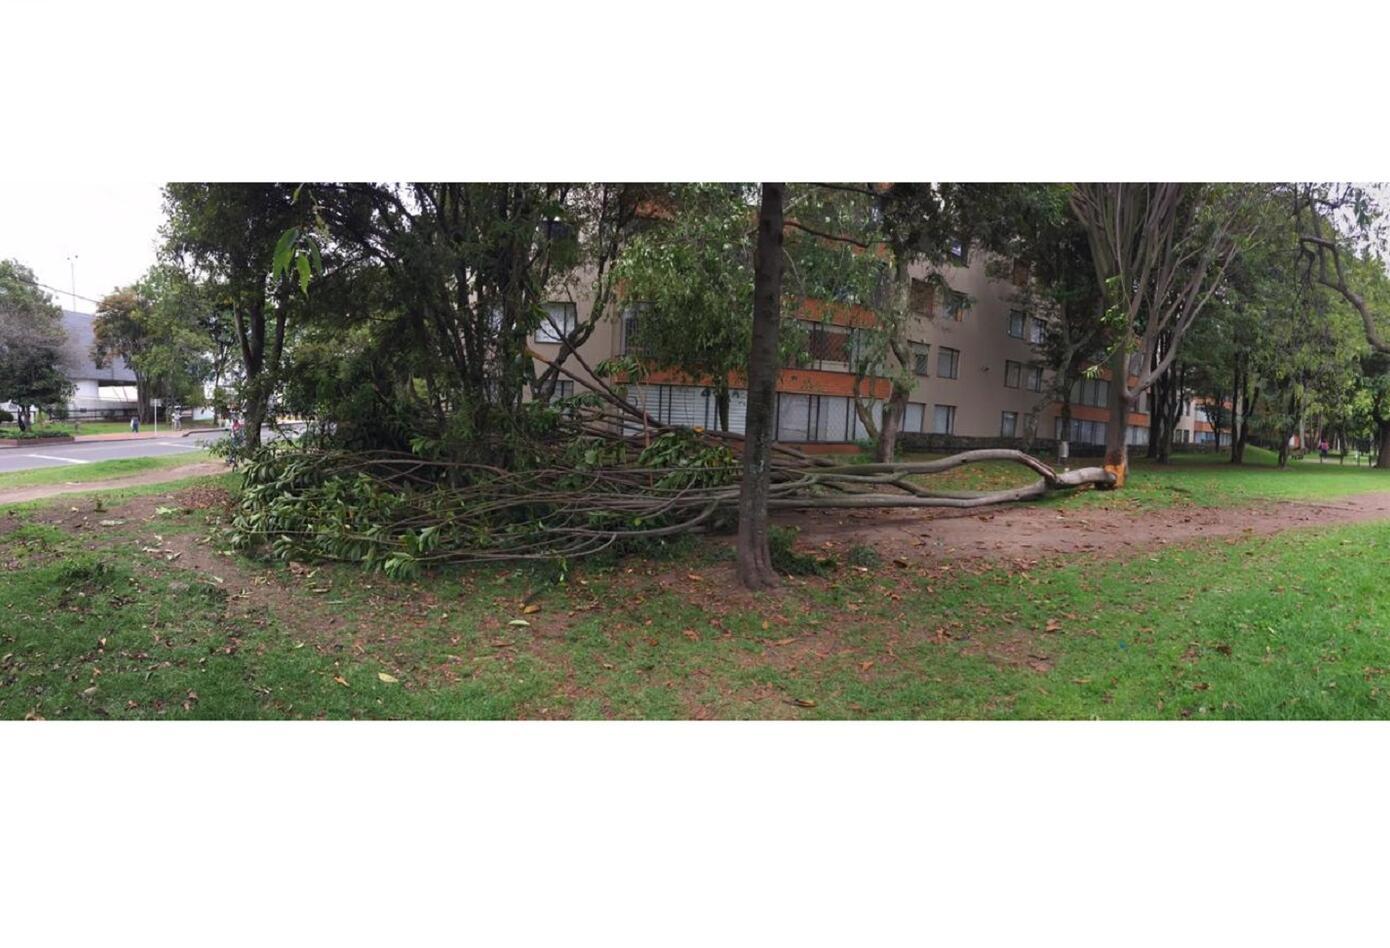 Según el Jardín Botánico están circulando fotos de arboles caídos, diciendo que se han talado por parte de la administración.